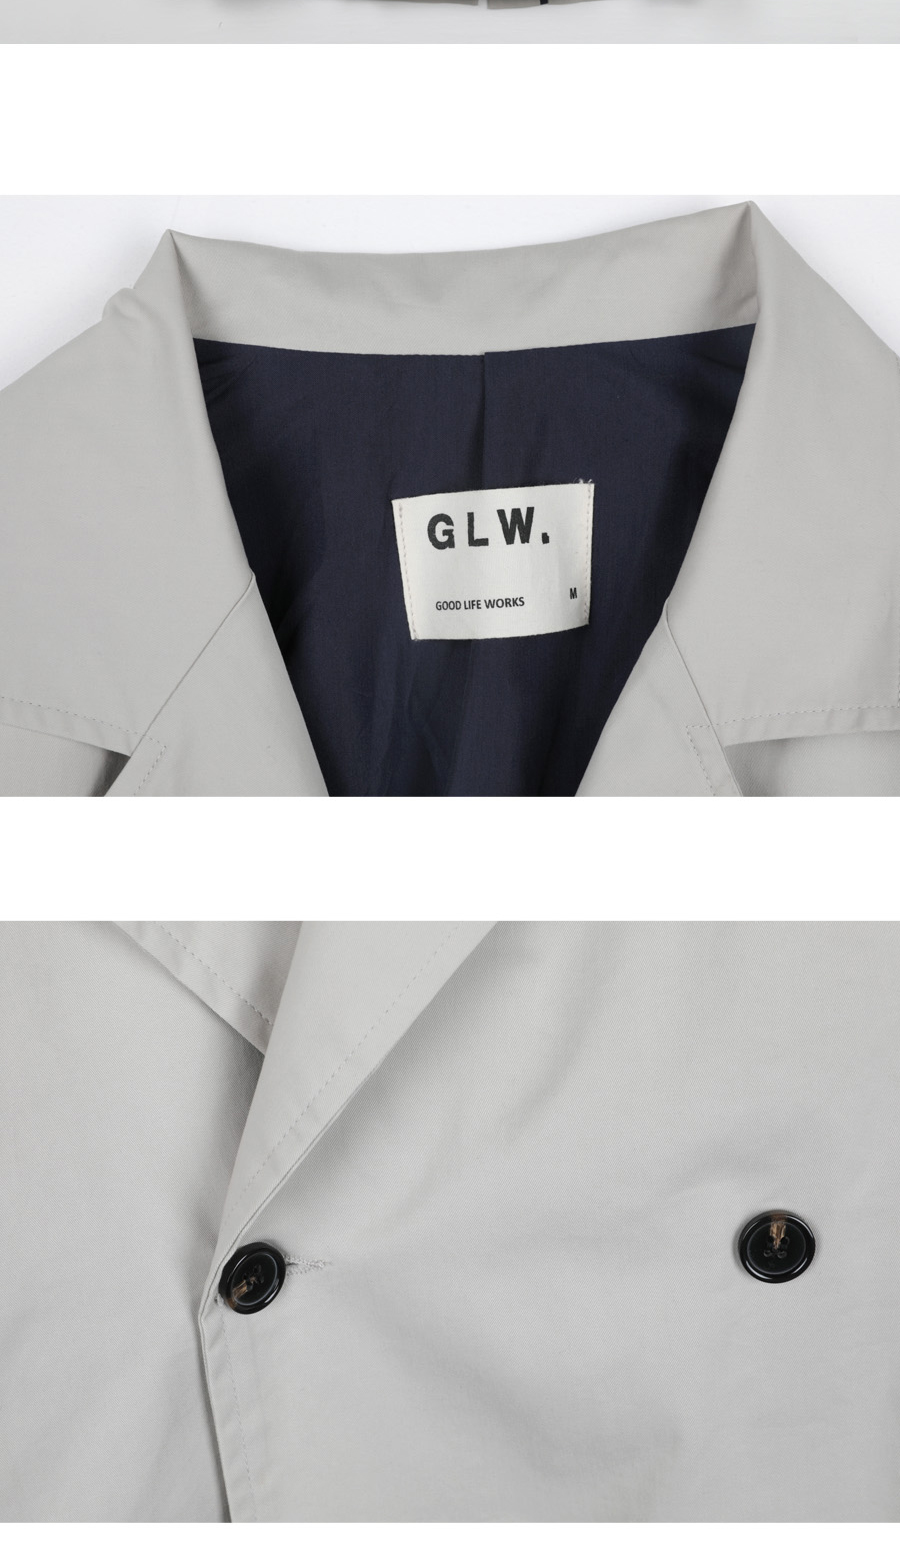 굿라이프웍스(GLW) 롱 더블 루즈핏 트렌치 코트 - 베이지